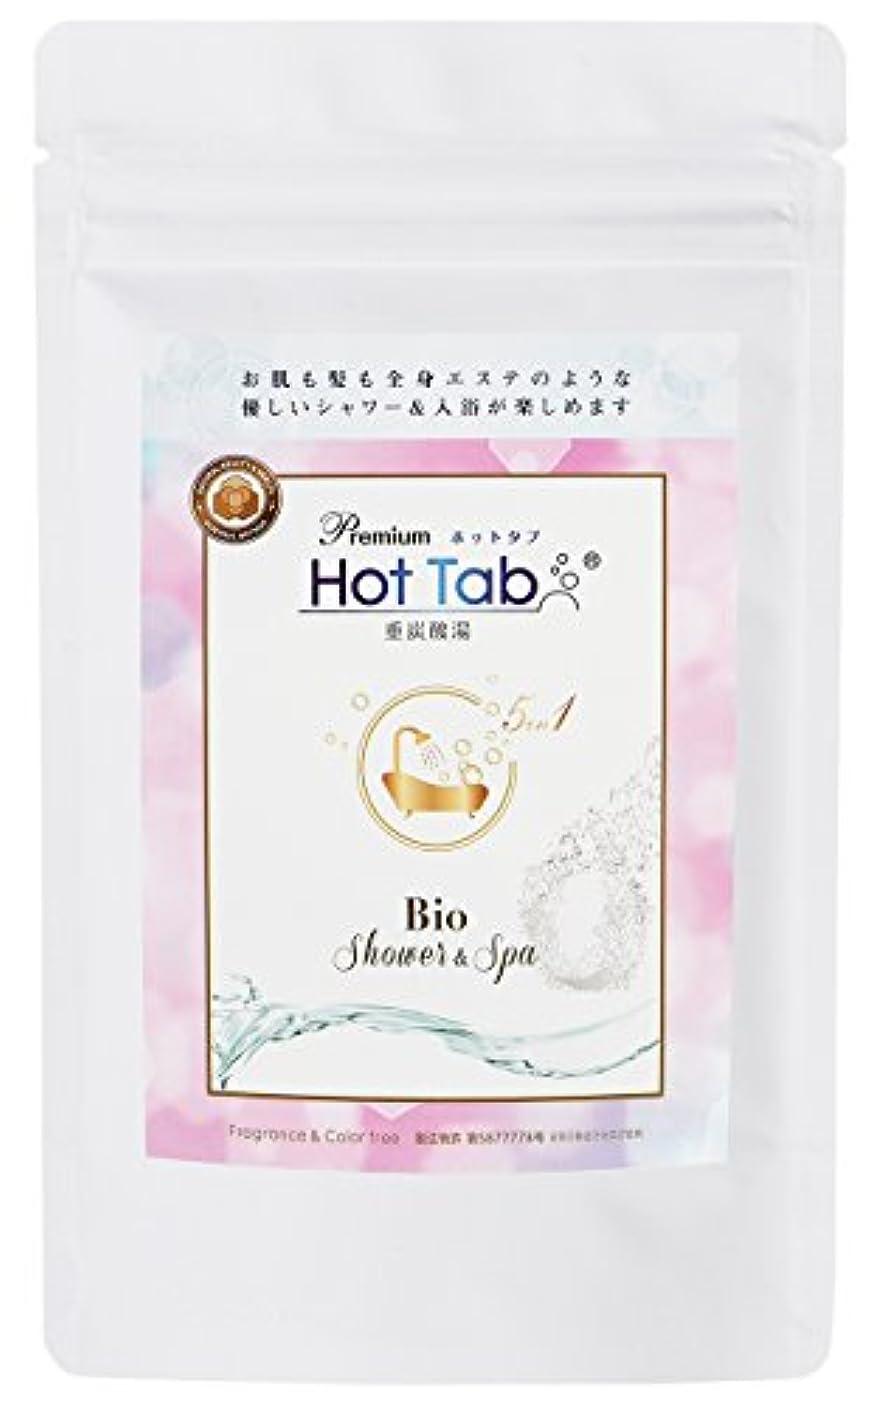 戦士読者ポッププレミアムホットタブ重炭酸湯Bio10錠